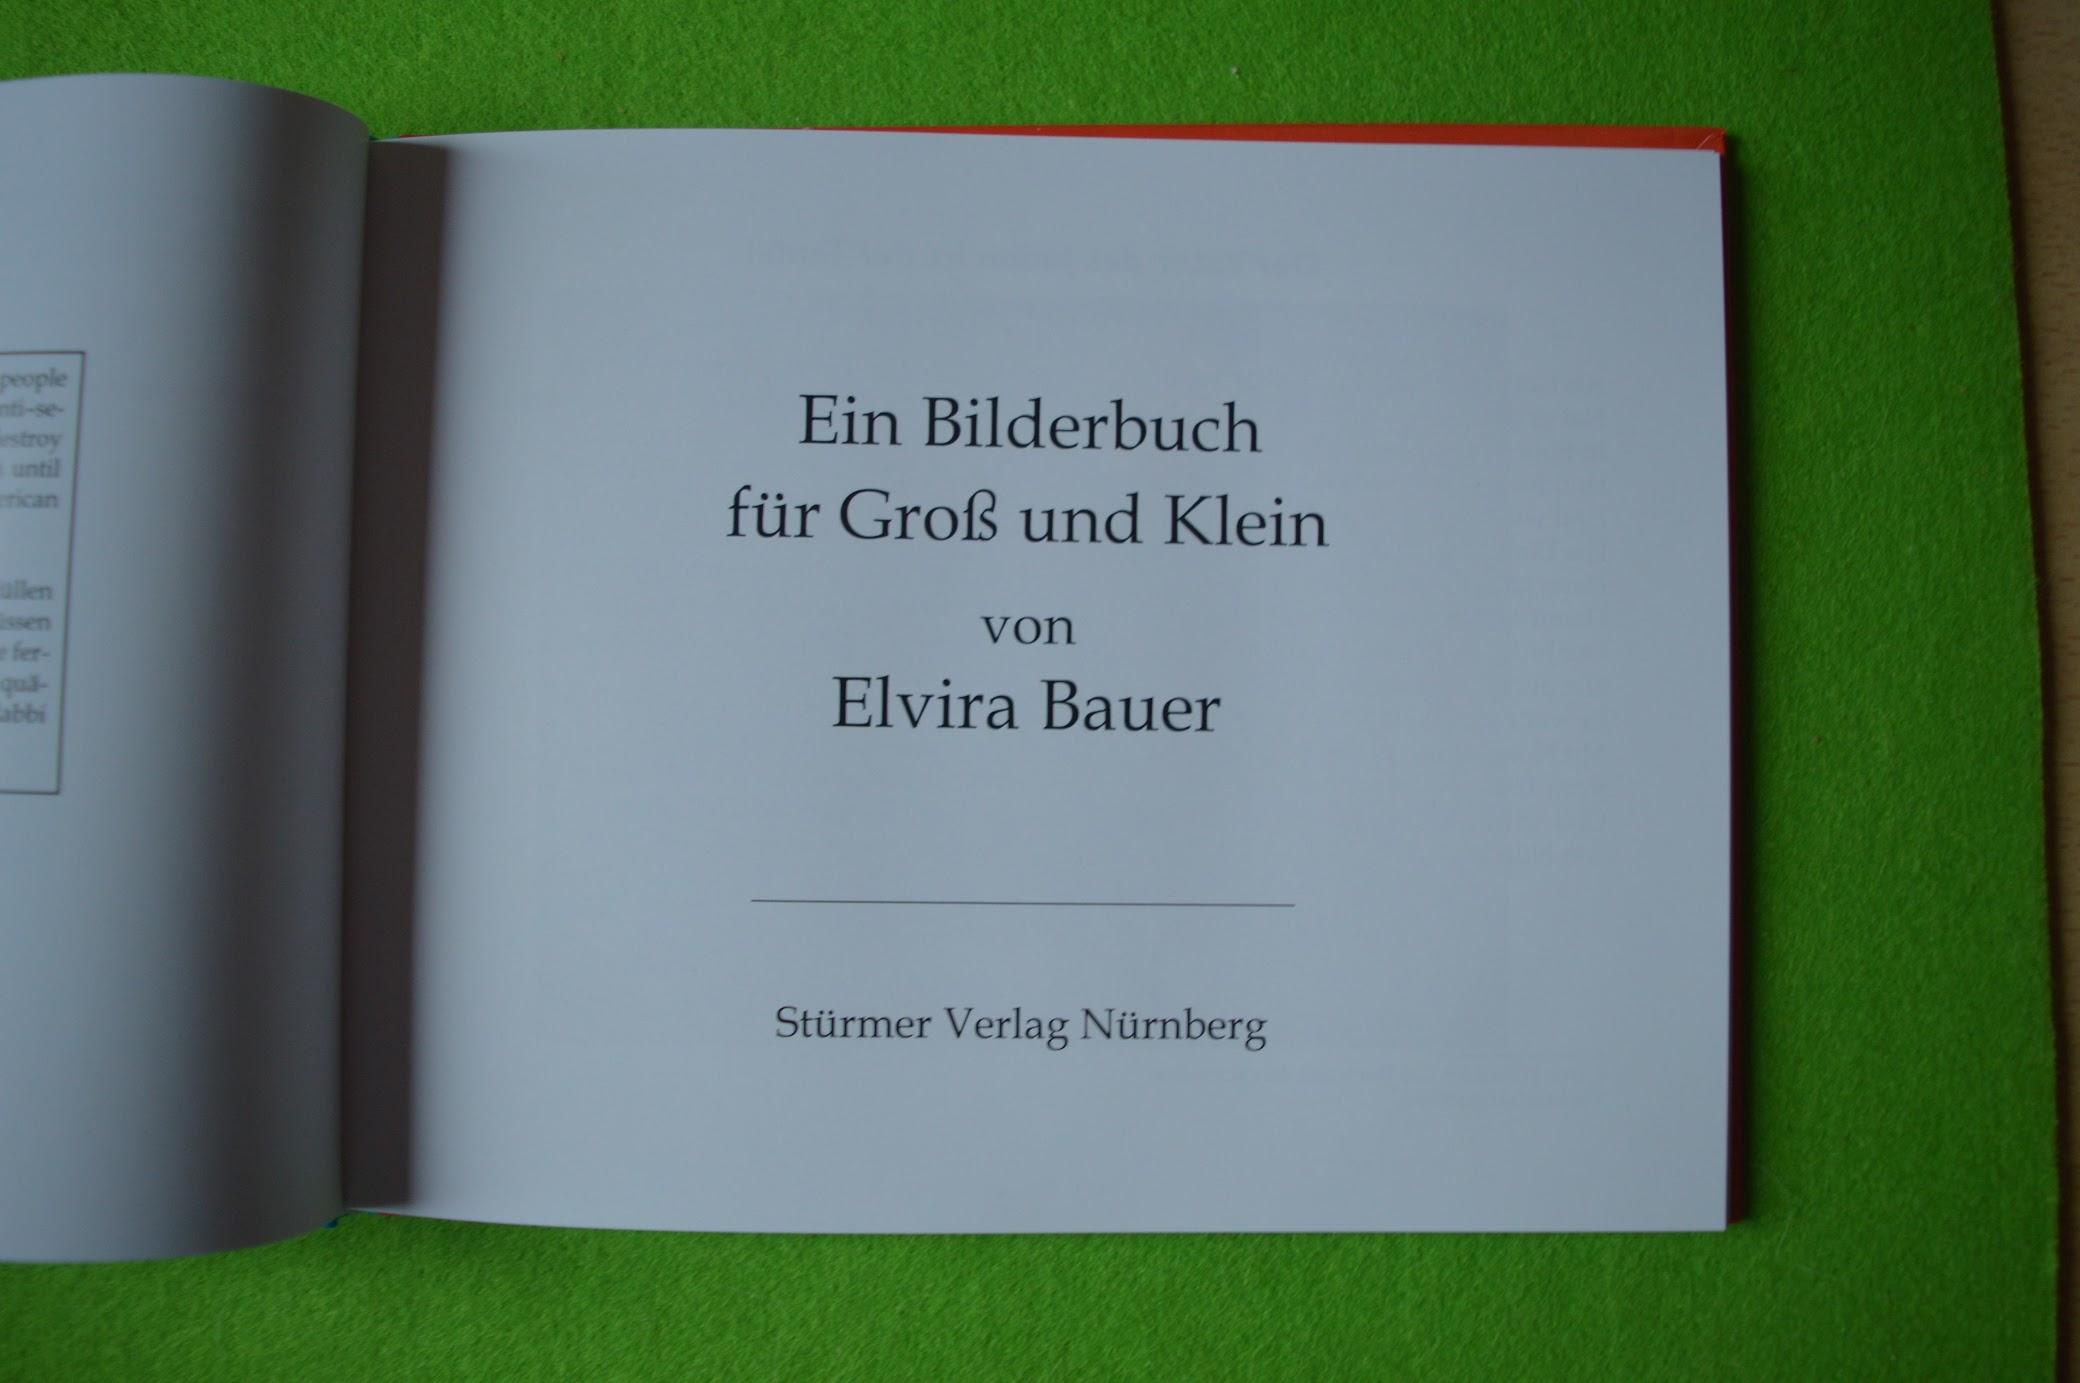 Trau keinem Fuchs auf grüner Heid und keinem Jud bei seinem Eid, Kinderbuch, 1936, Elvira Bauer, Wissenschaftlicher Quelltext